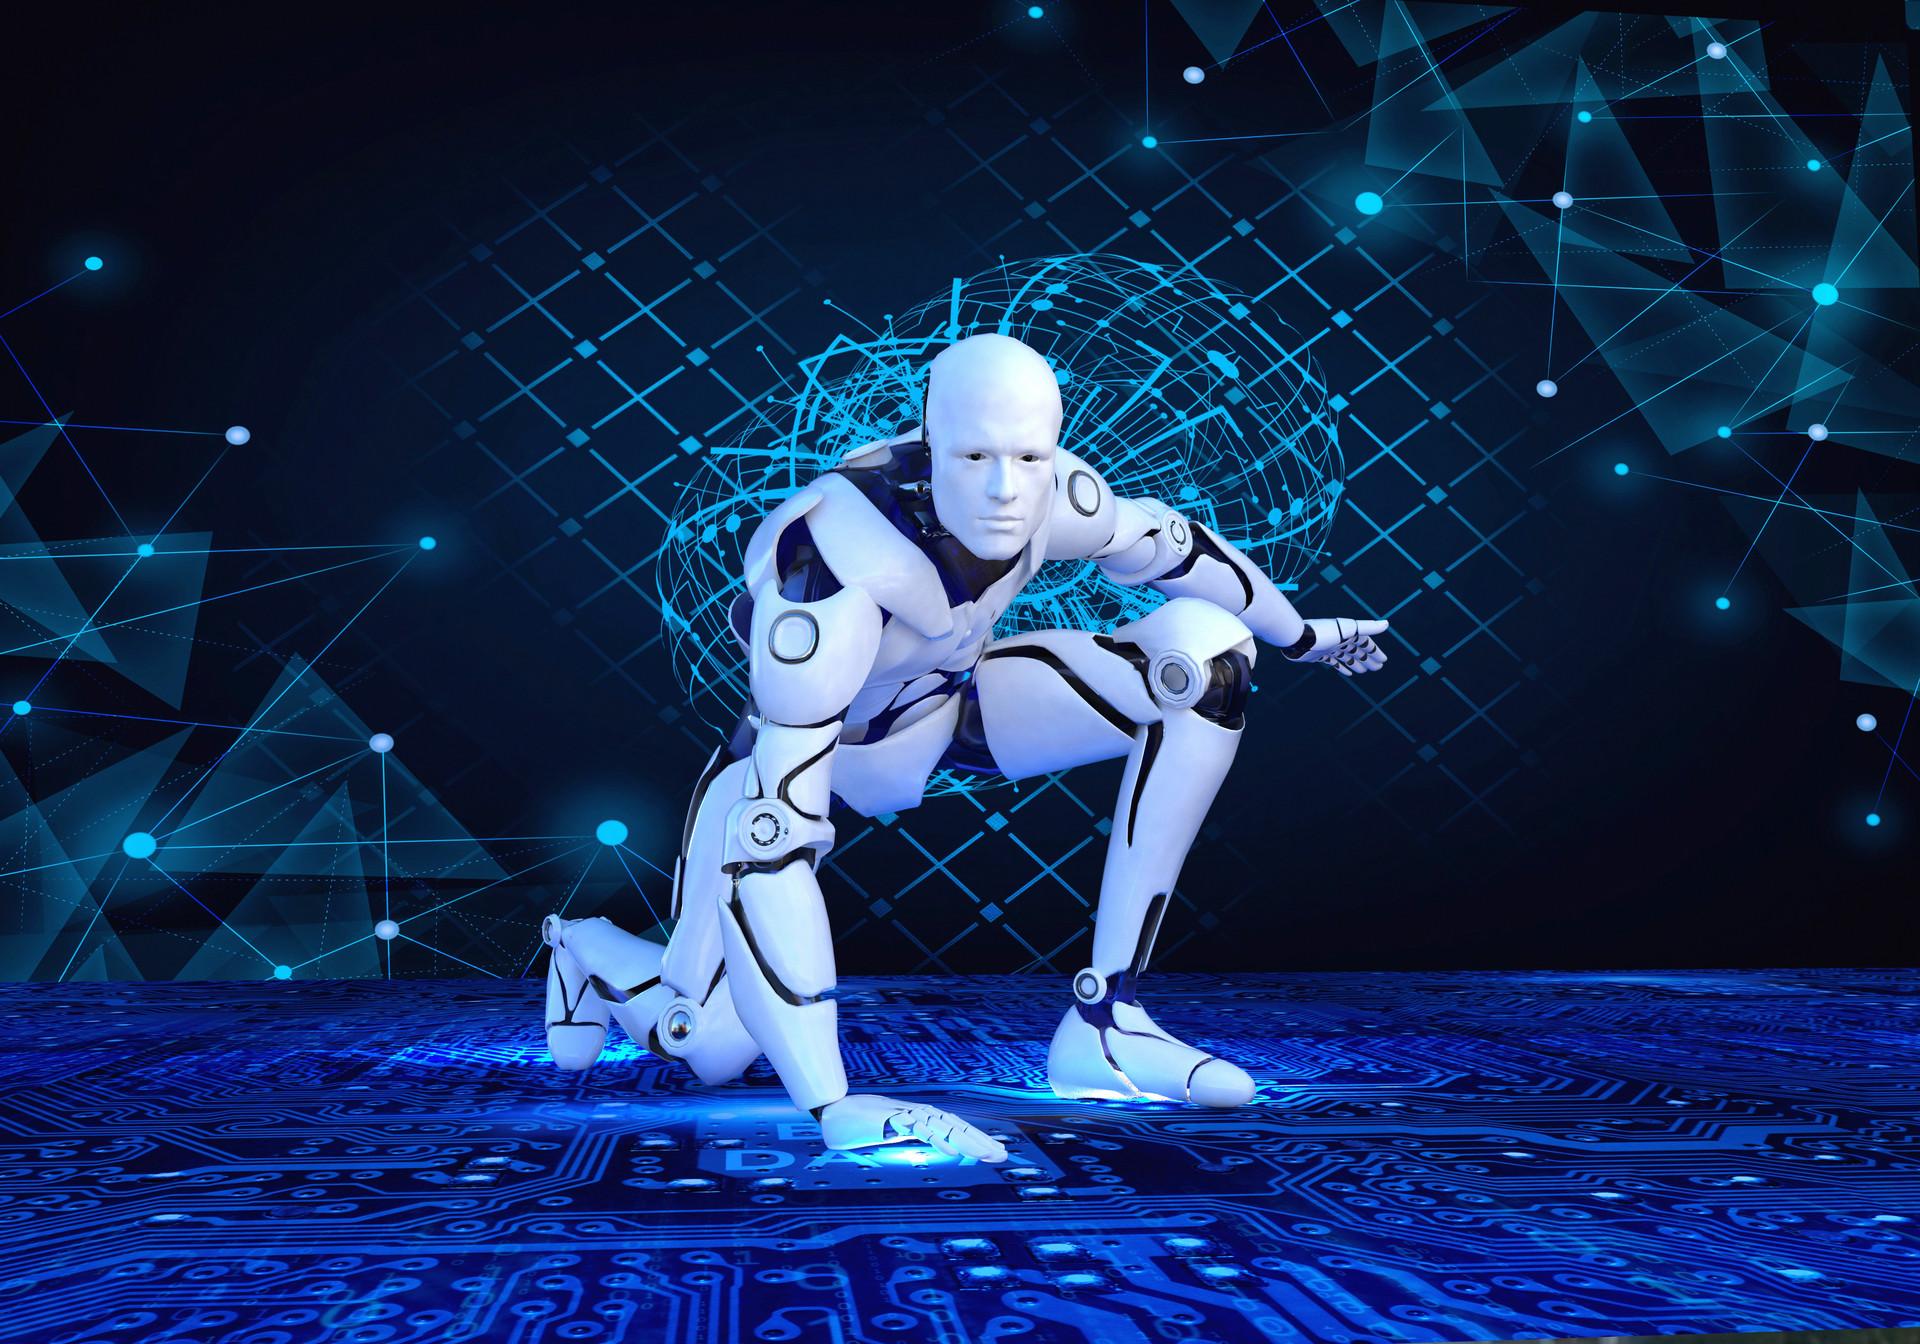 我国采取了哪些措施来支持人工智能发展?